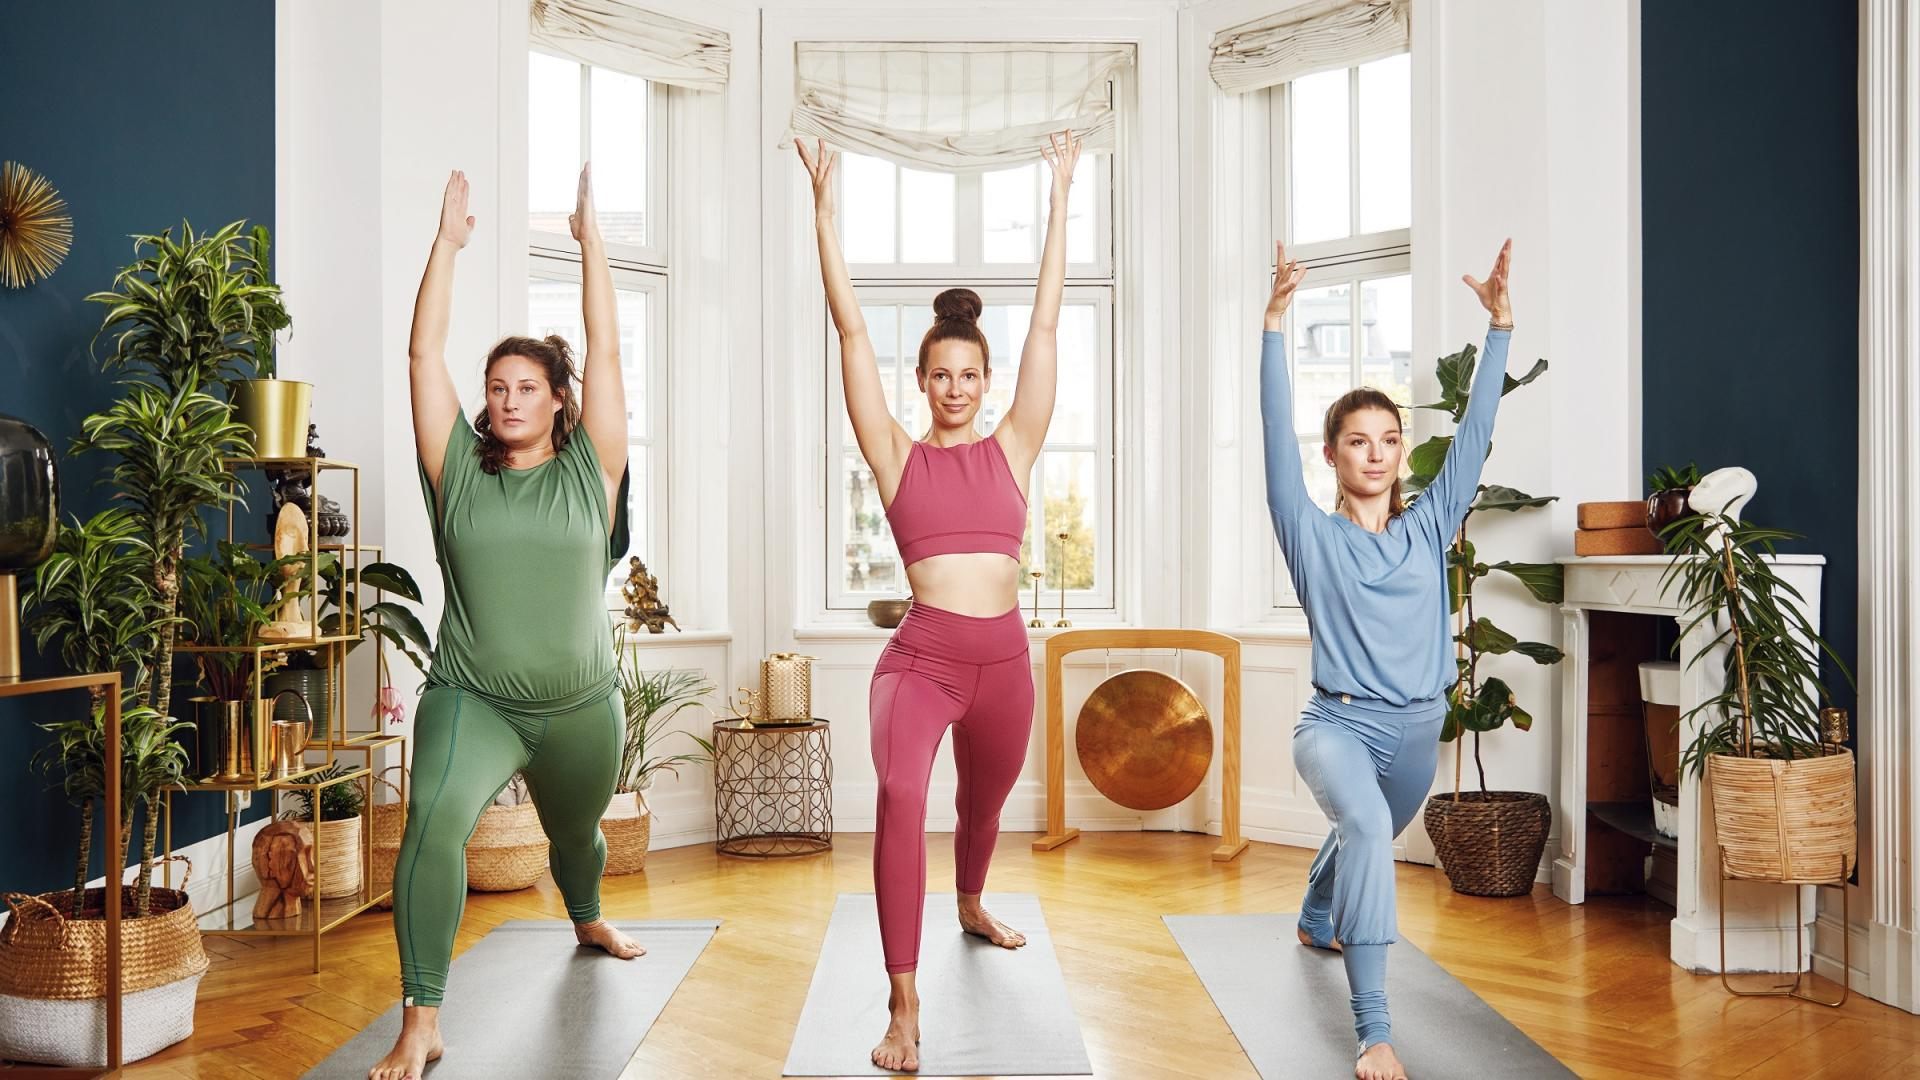 nachhaltige sportmode yoga chakrana